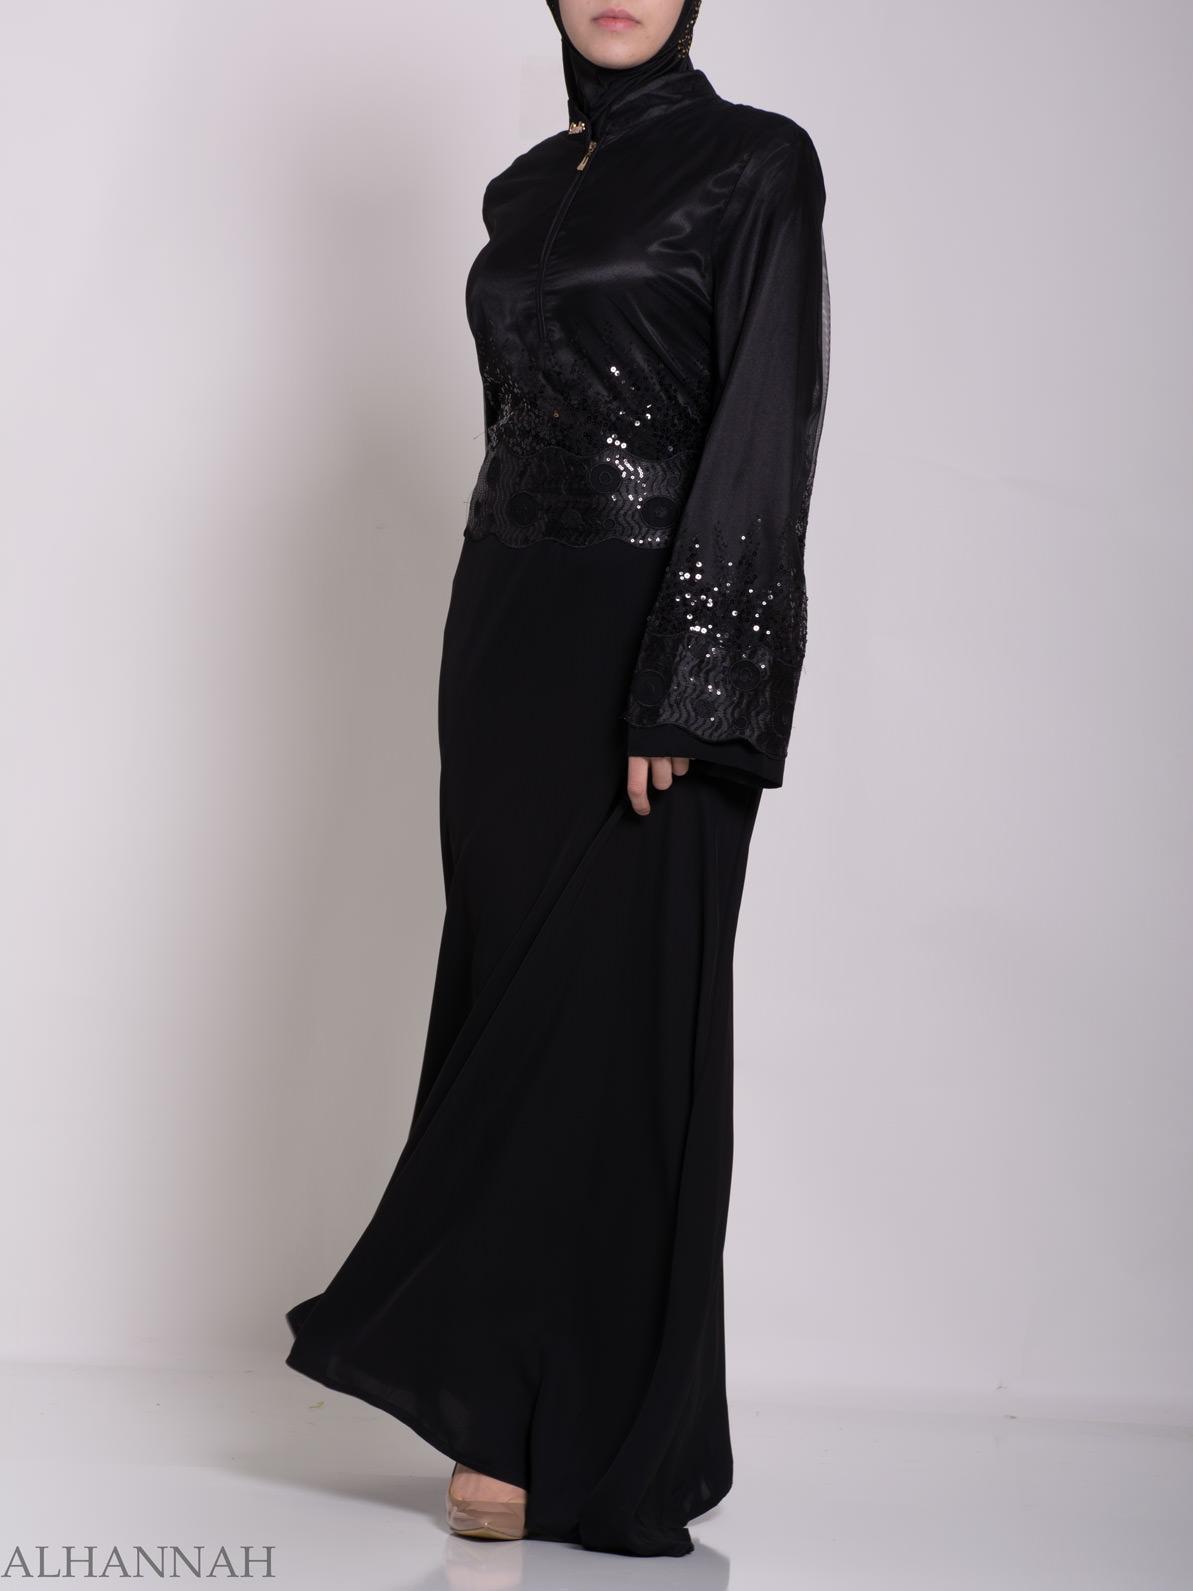 Hanan Abaya ab671 (6)